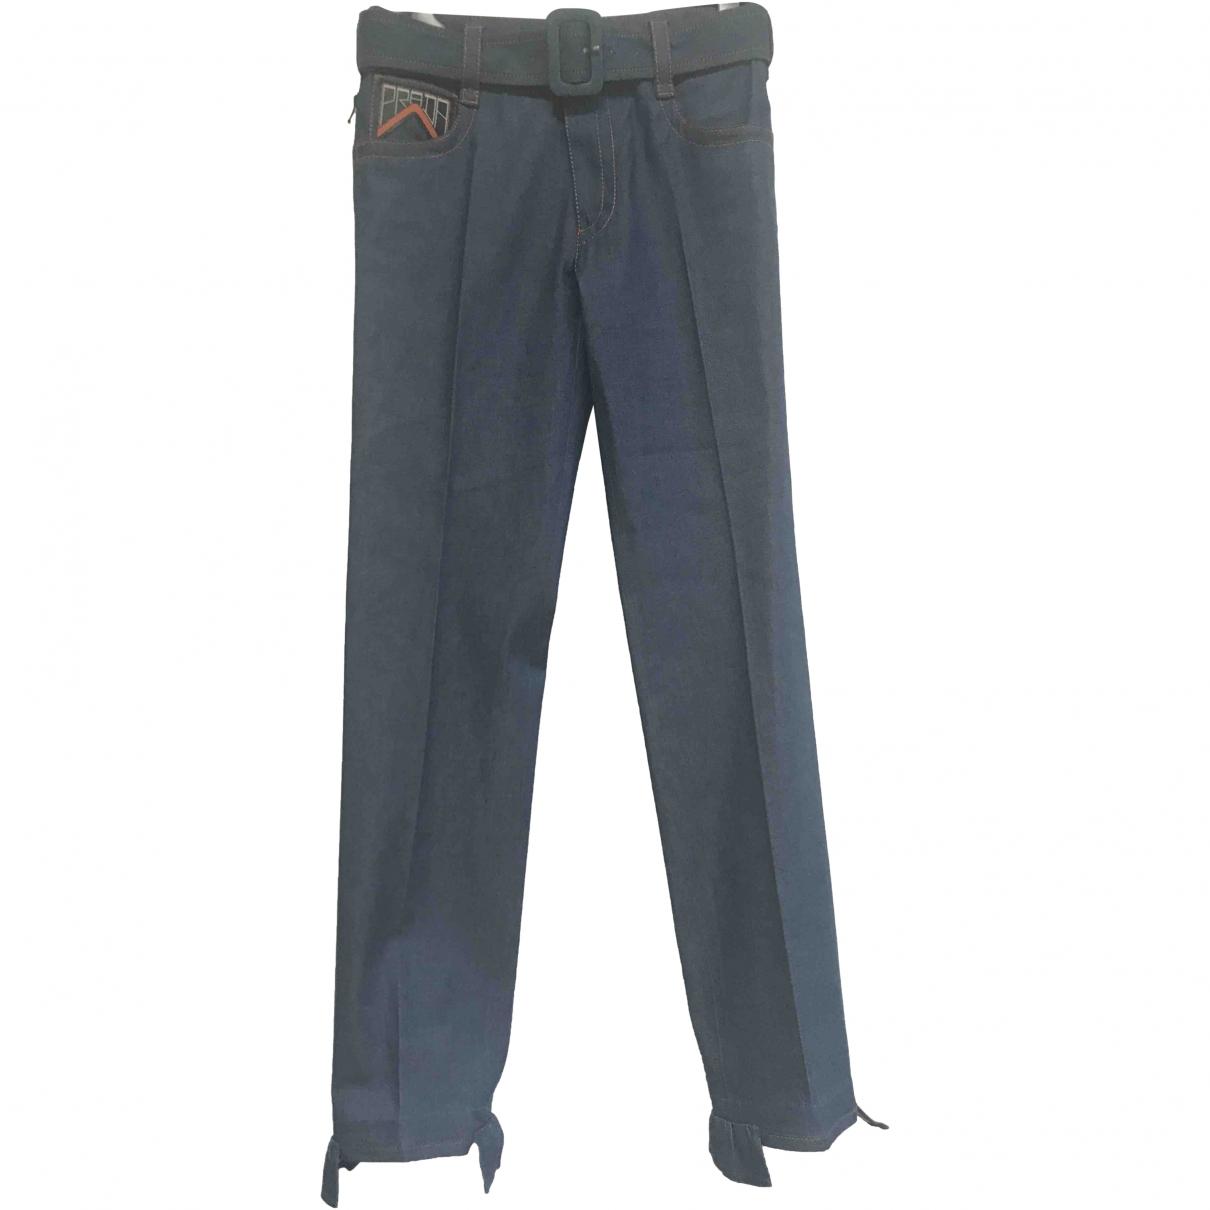 Prada \N Blue Denim - Jeans Jeans for Women 38 FR